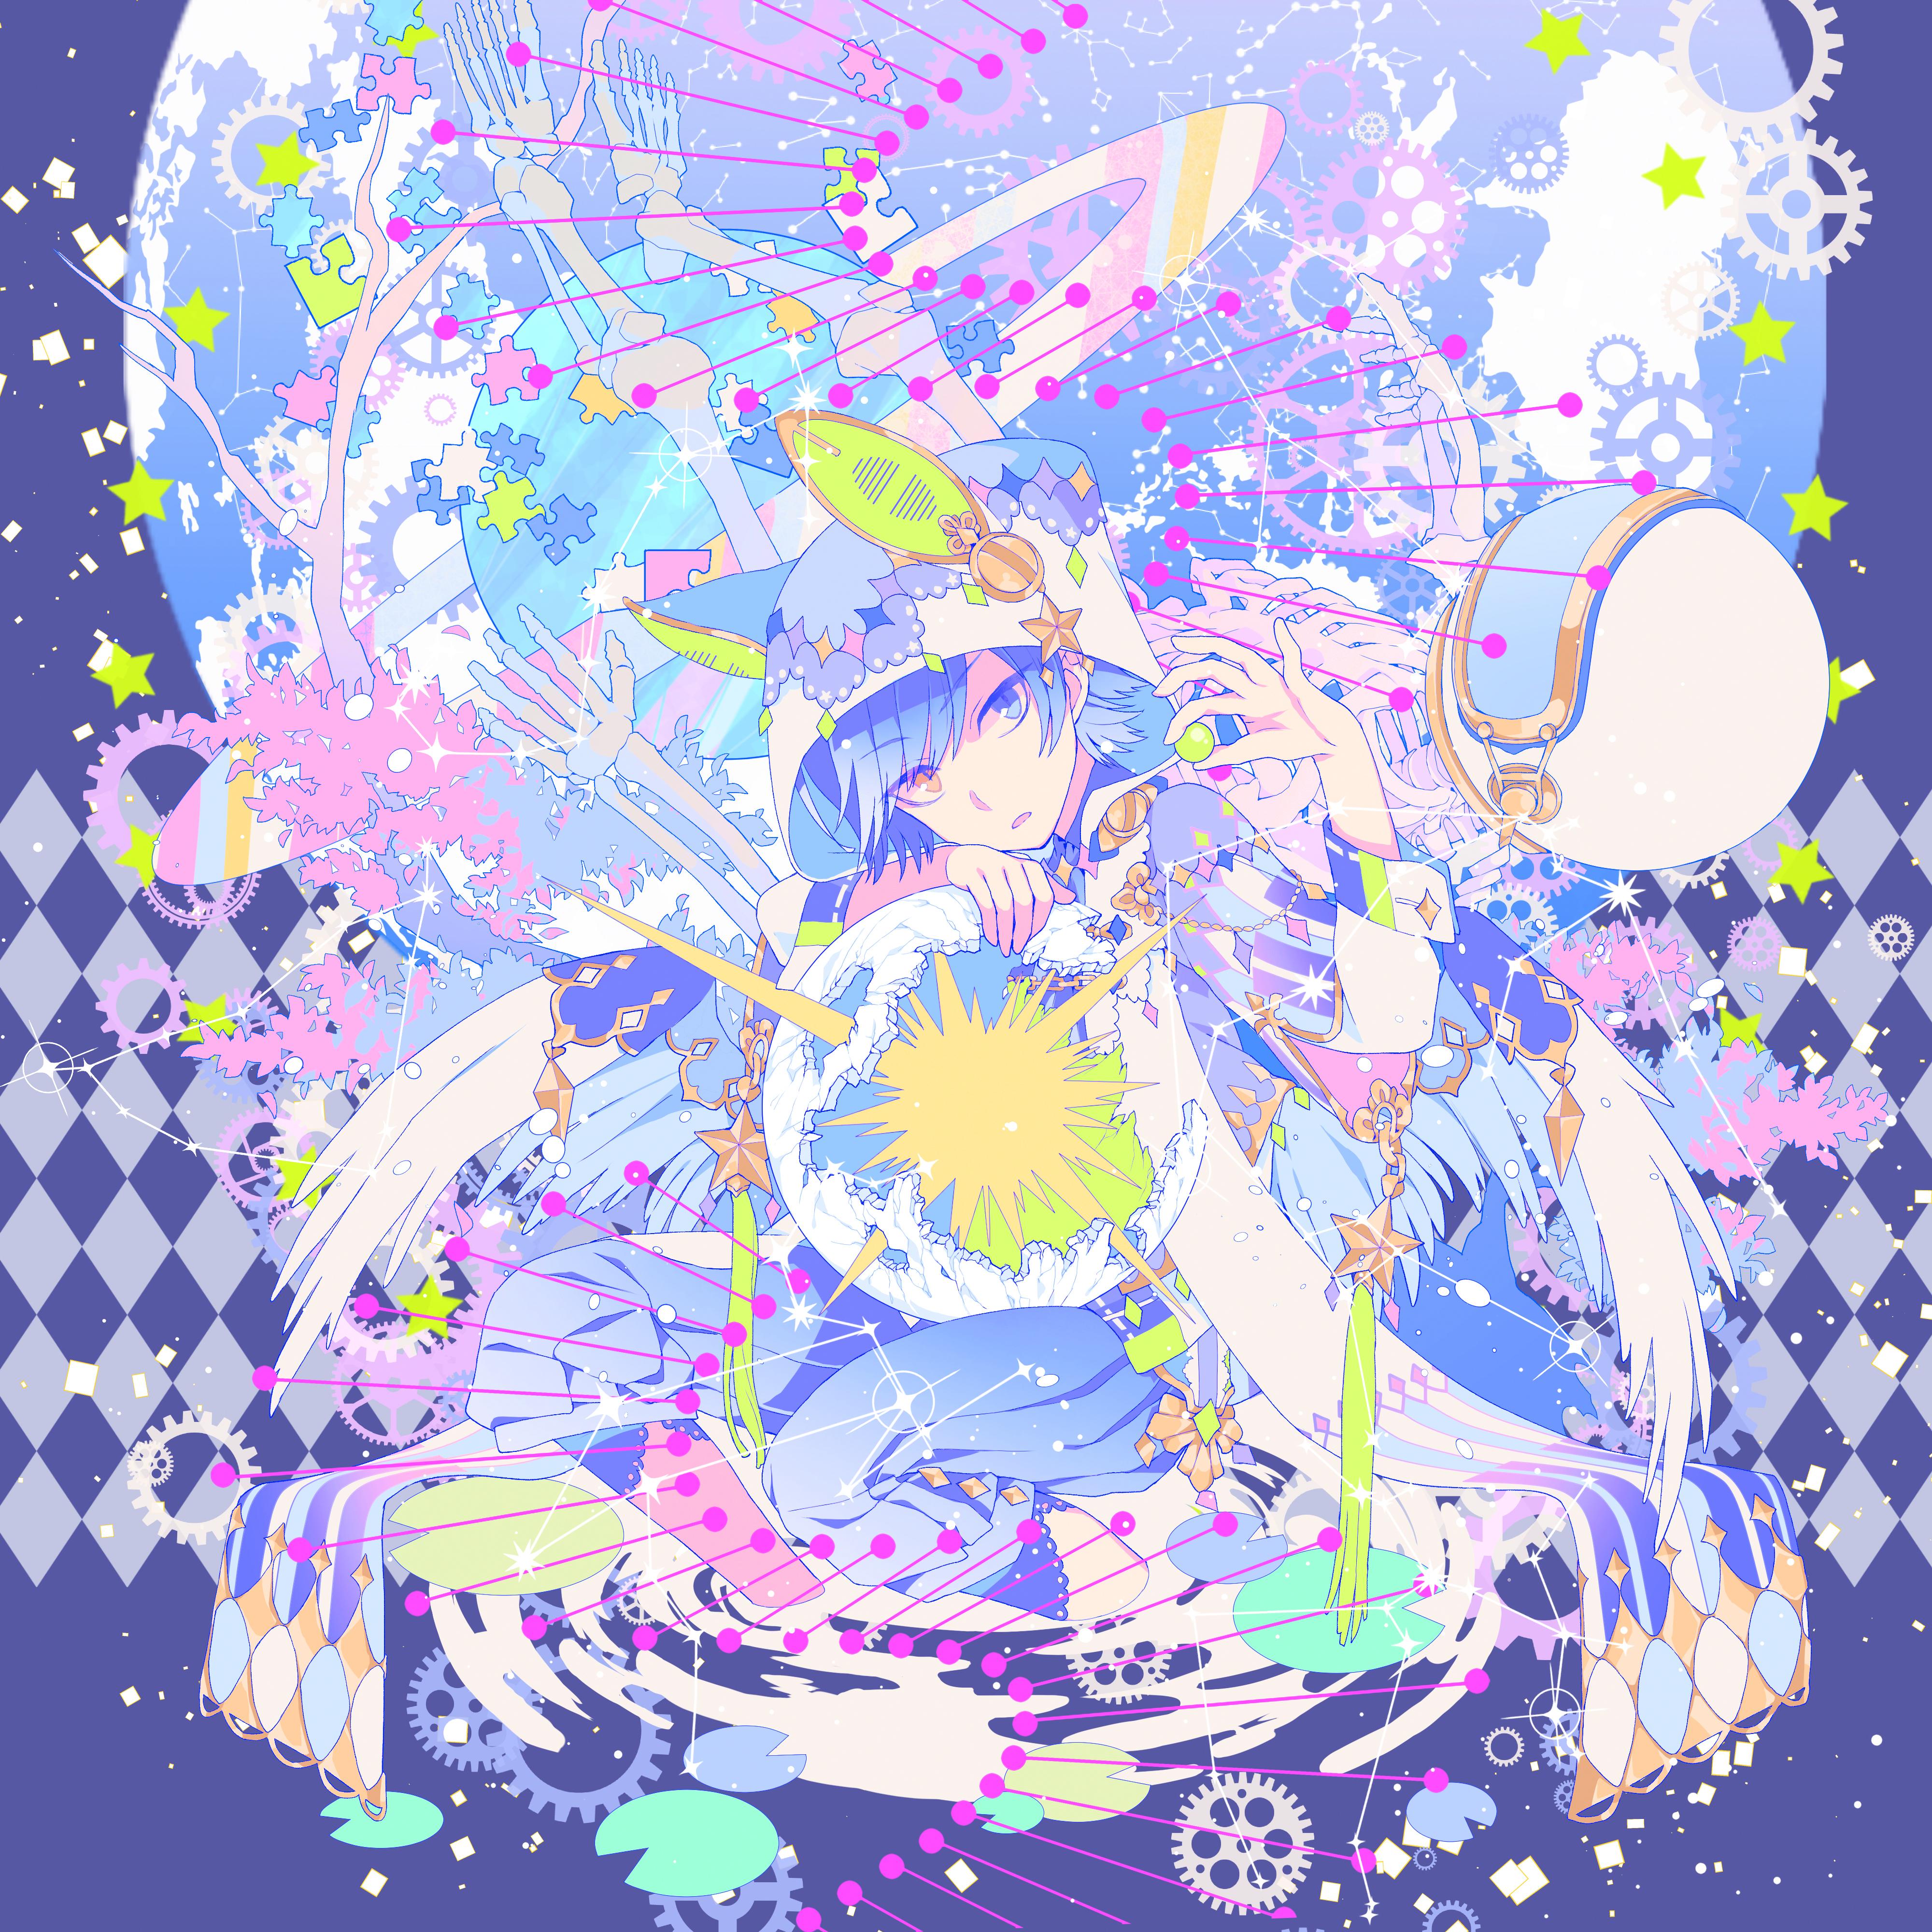 ビー玉の中の宇宙